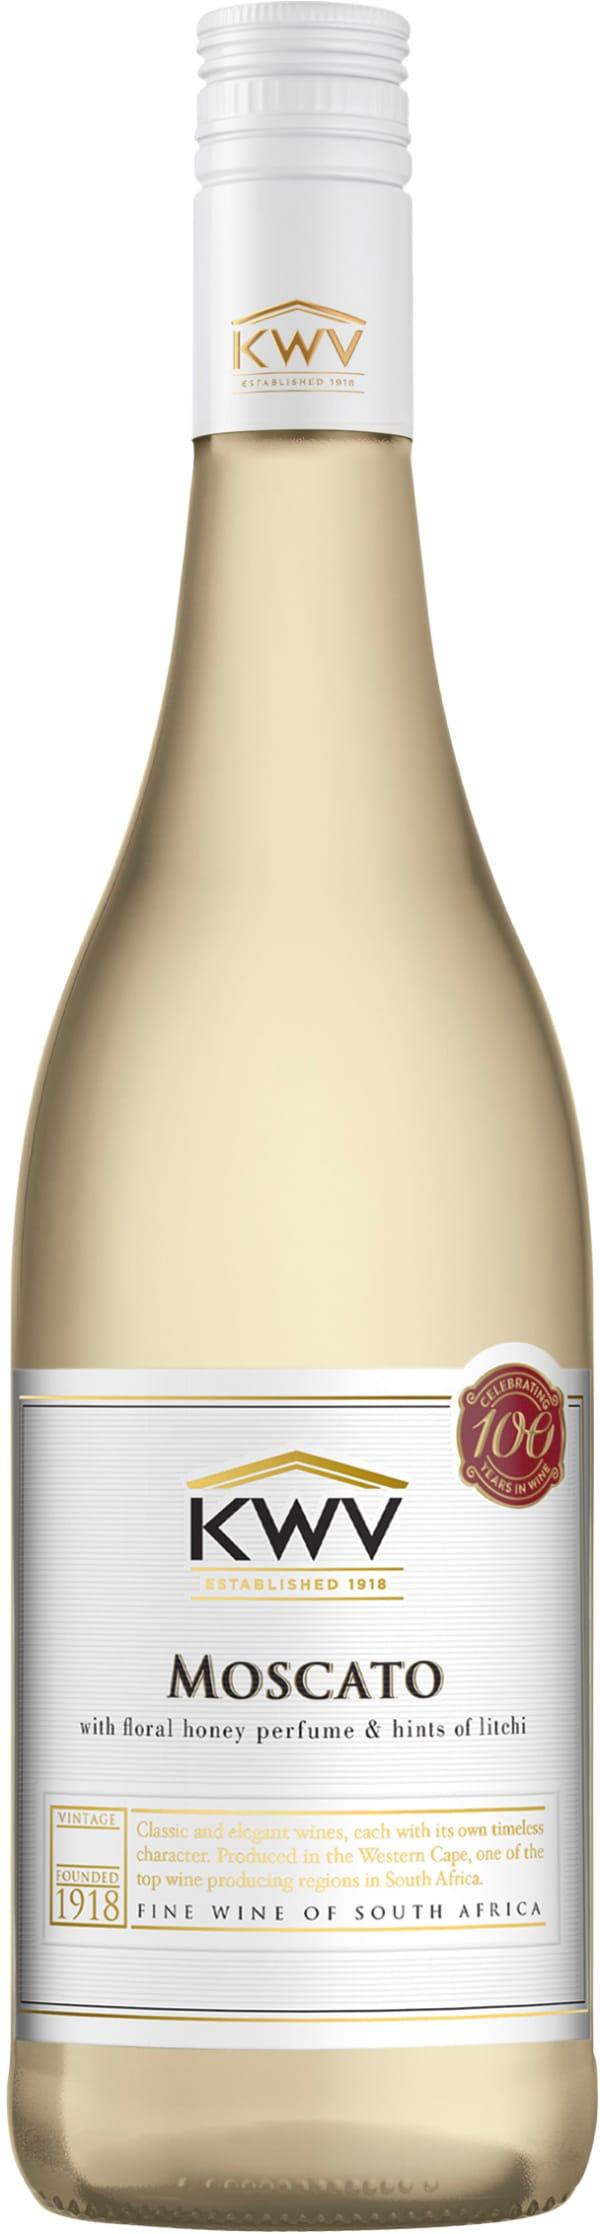 KWV Moscato 2018